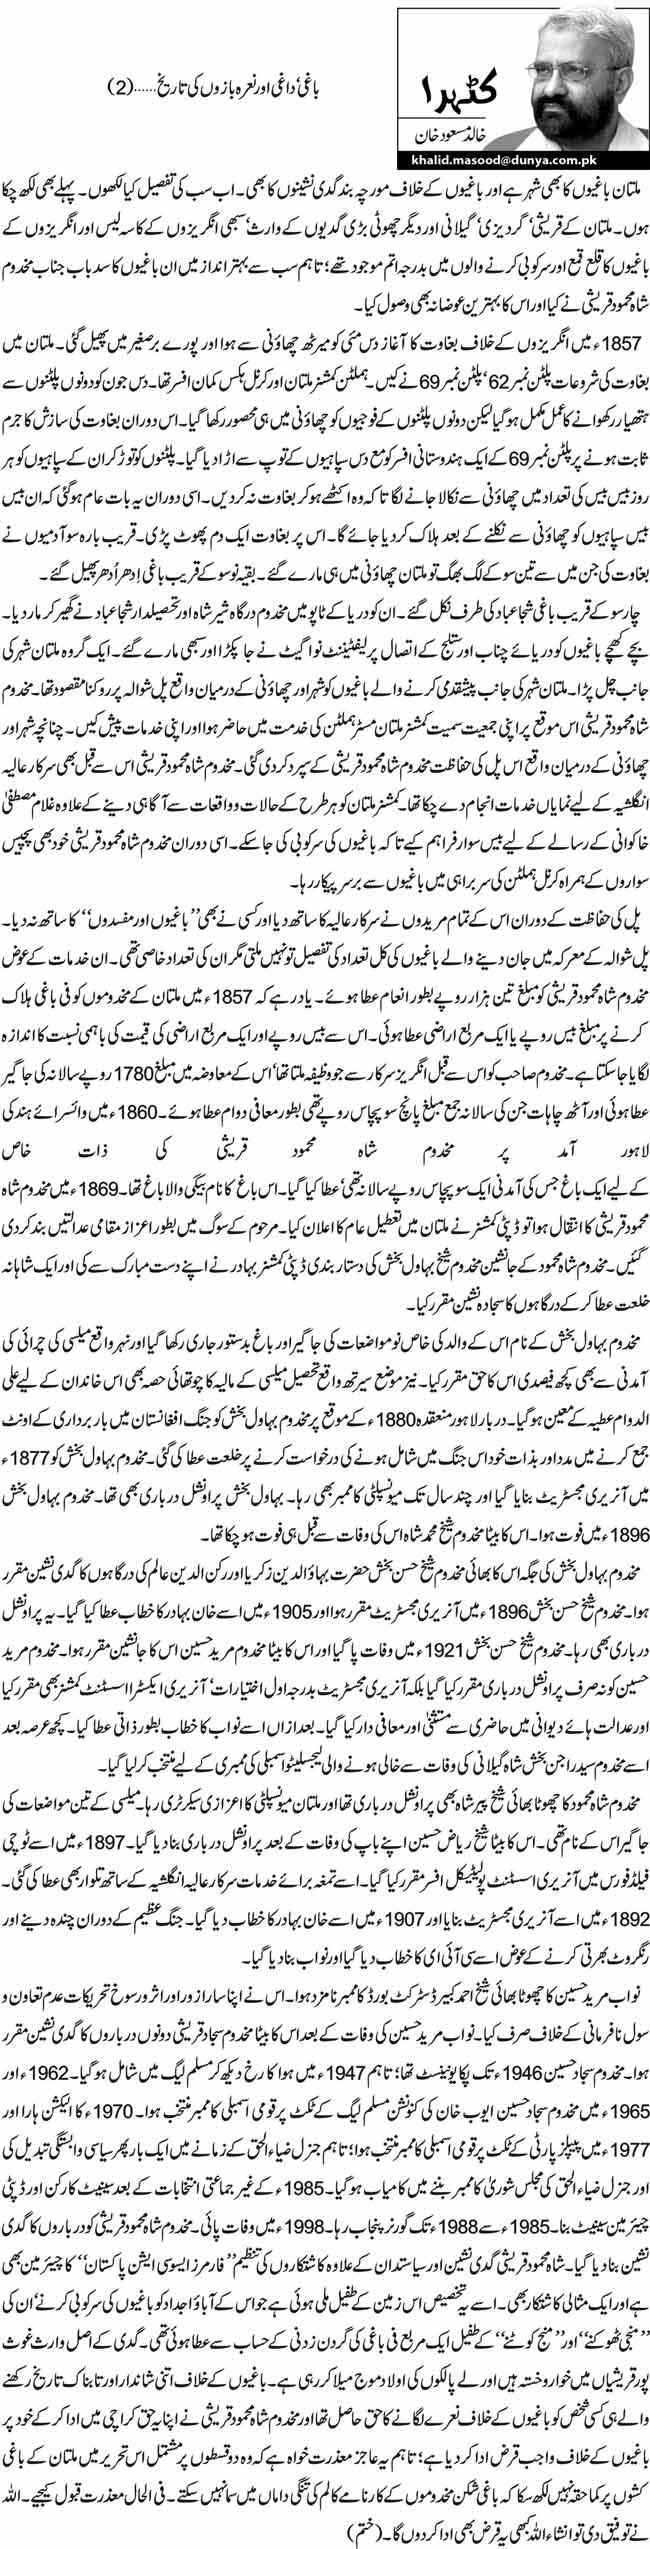 باغی' داغی اور نعرہ بازوں کی تاریخ… (2)